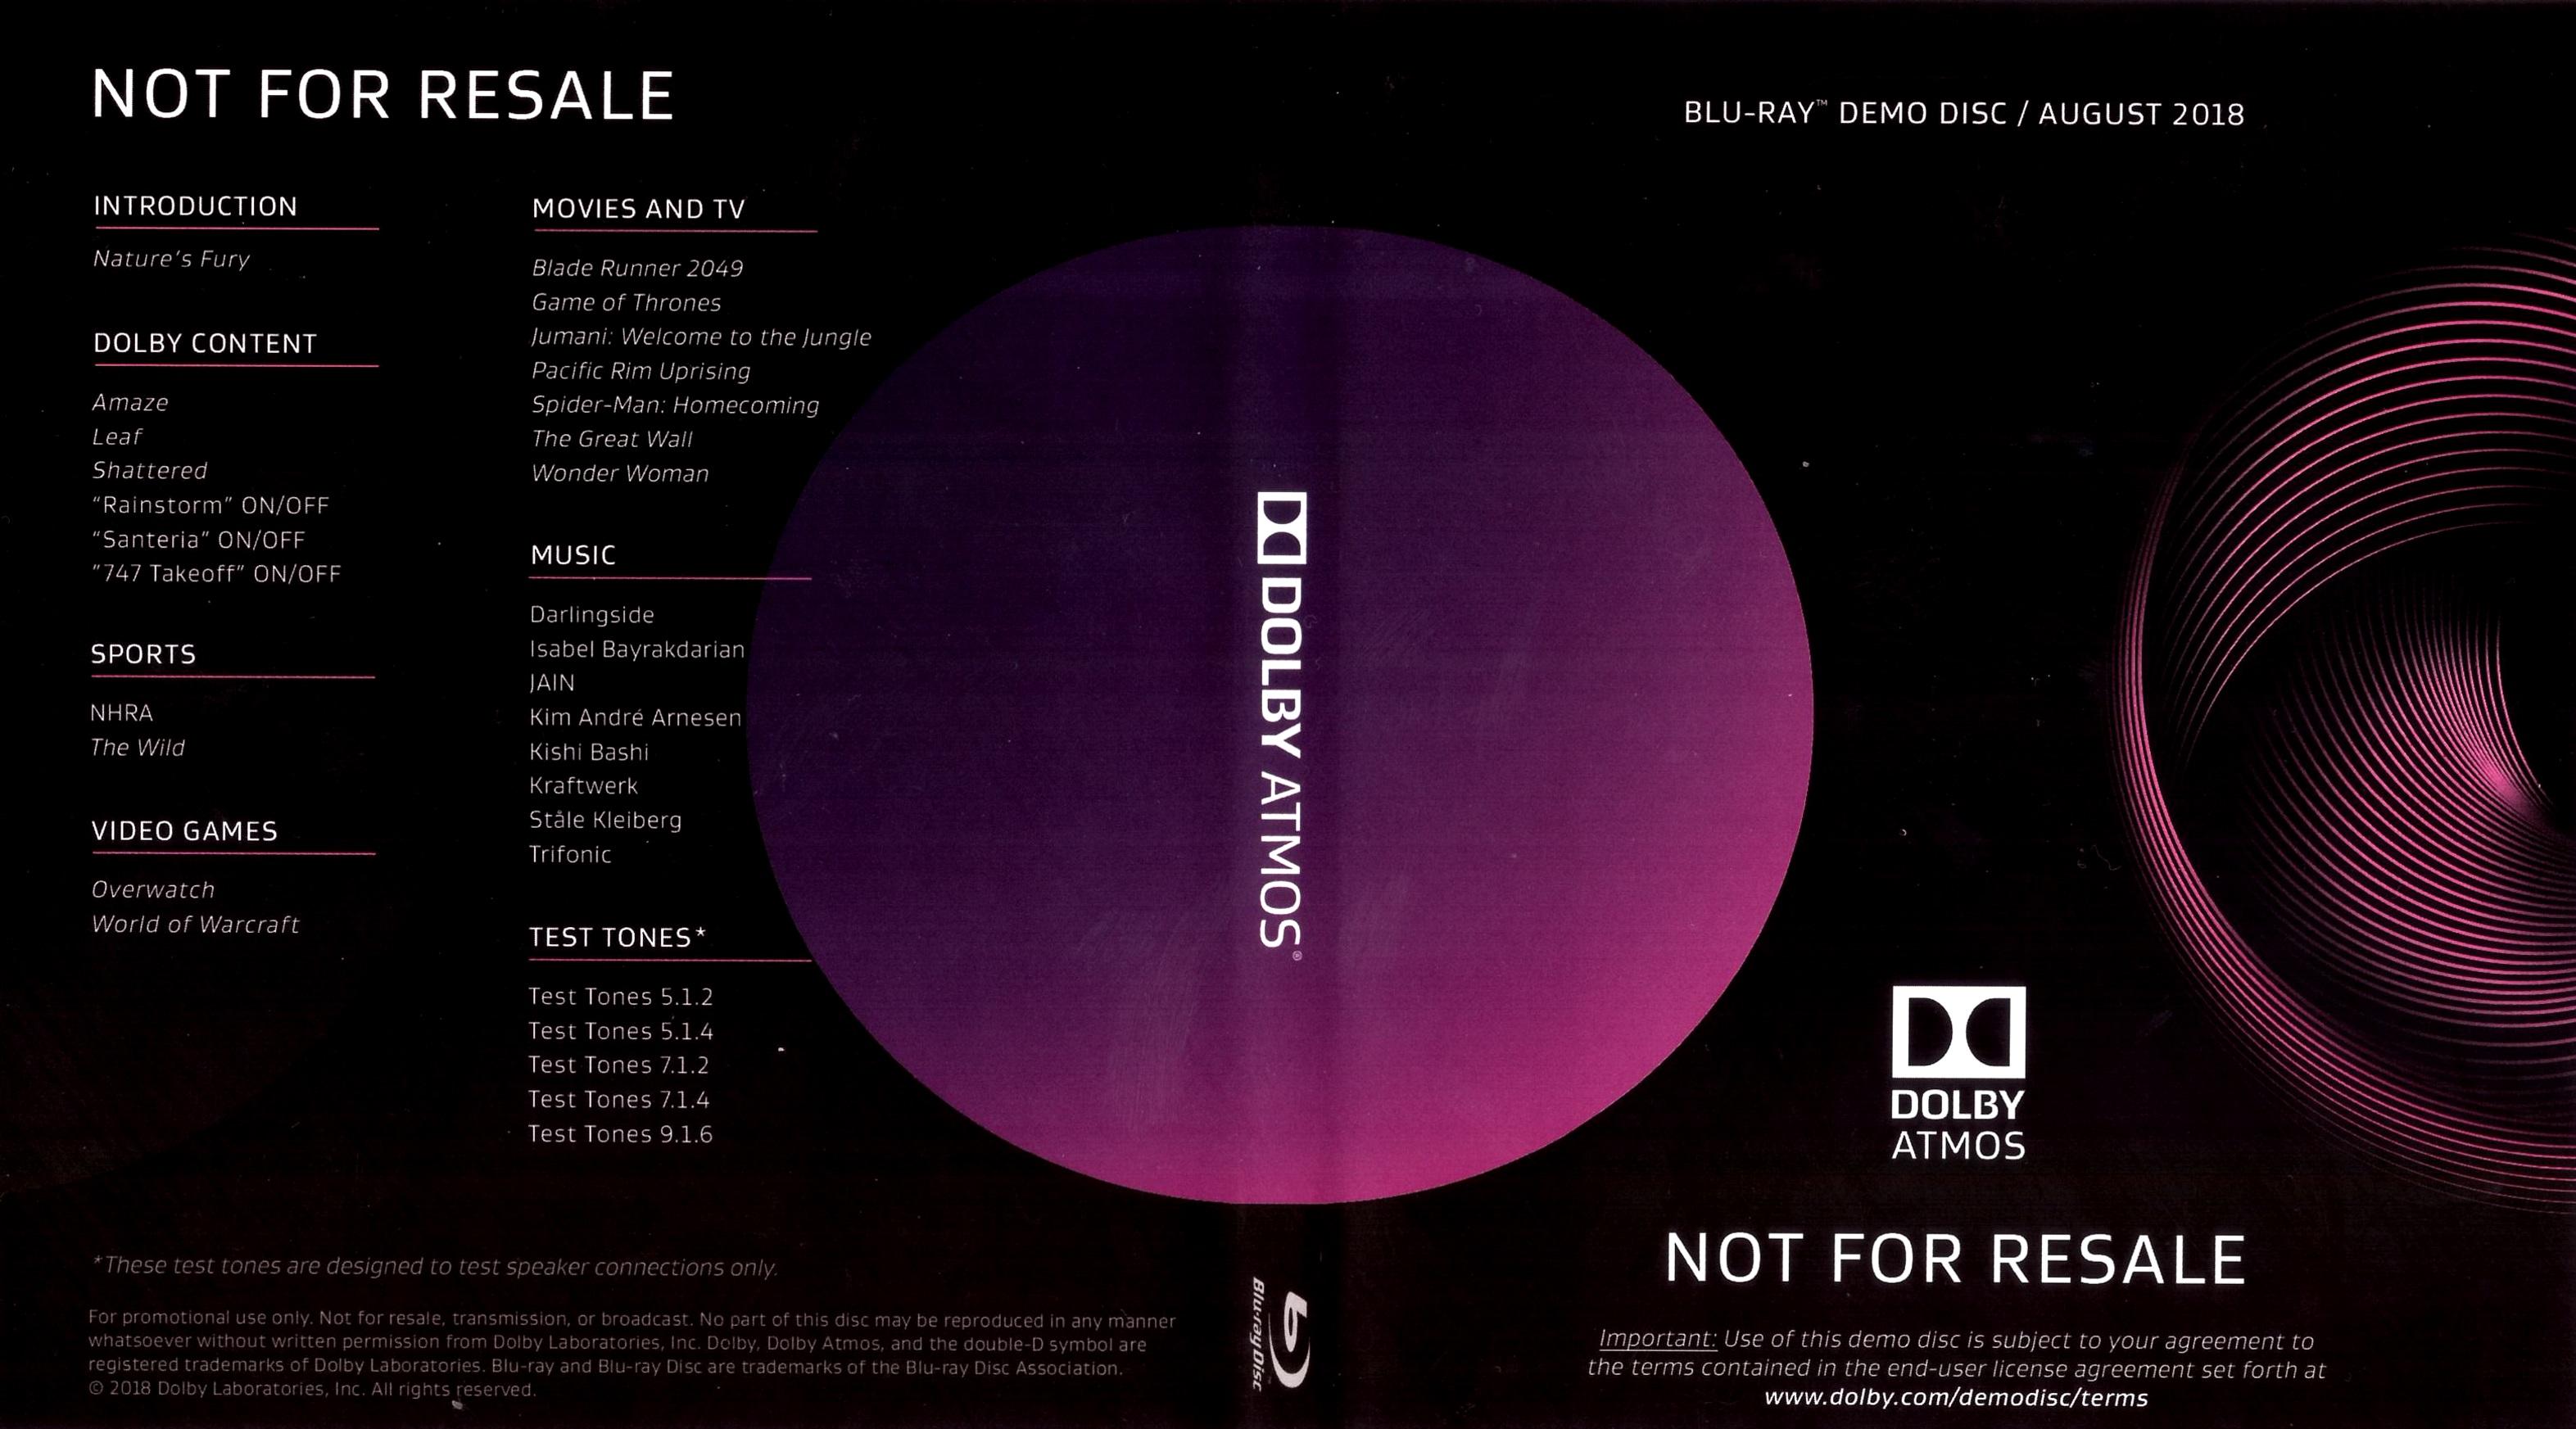 dts demo disc download torrent